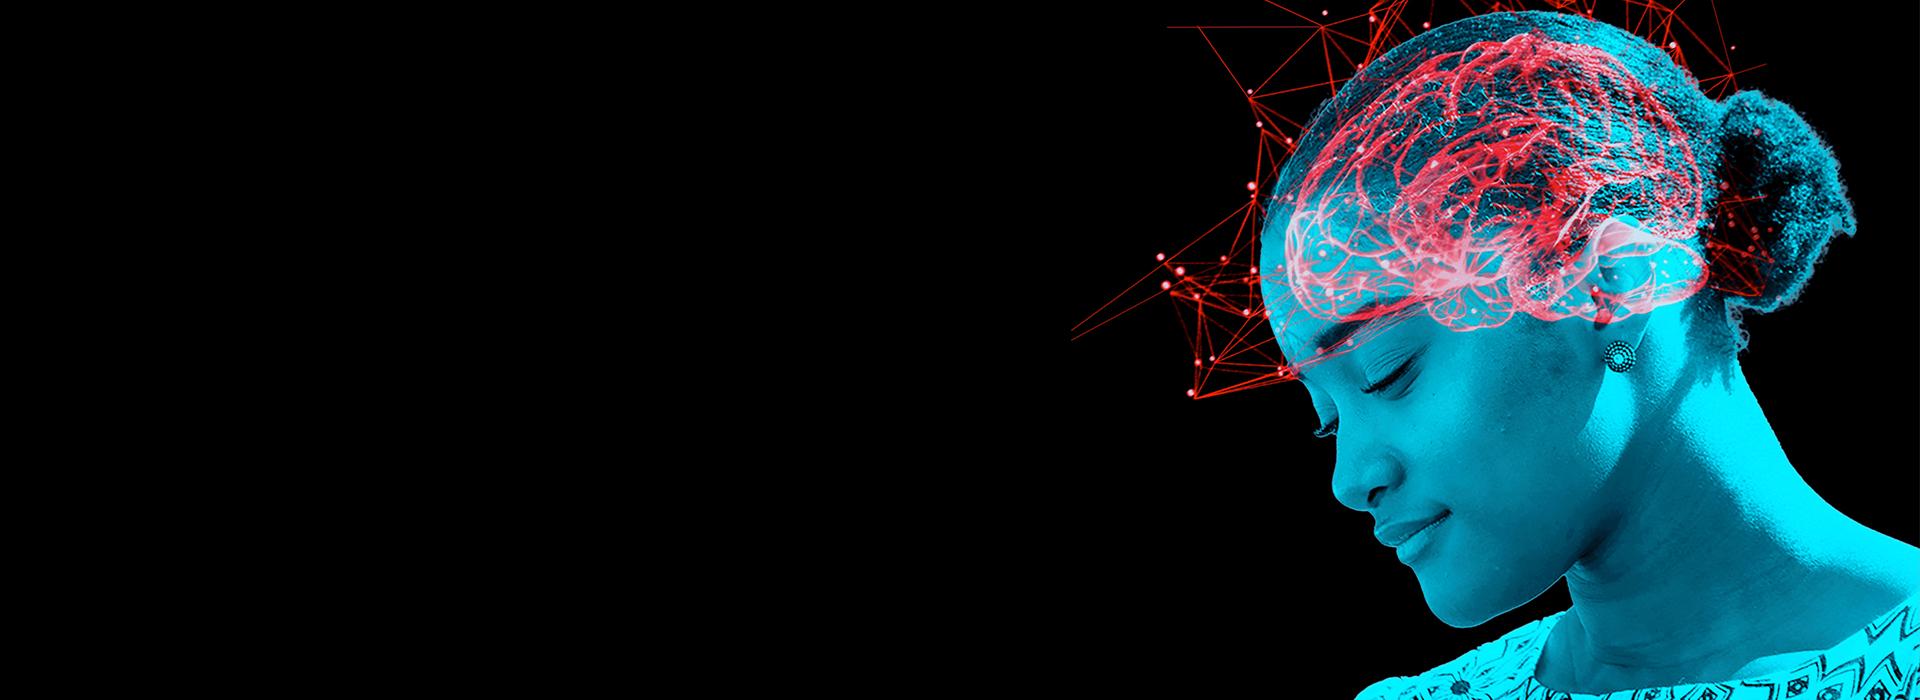 Identité graphique réalisée par TEDx Nantes en collaboration avec les étudiants en formation graphiste BRASSART.